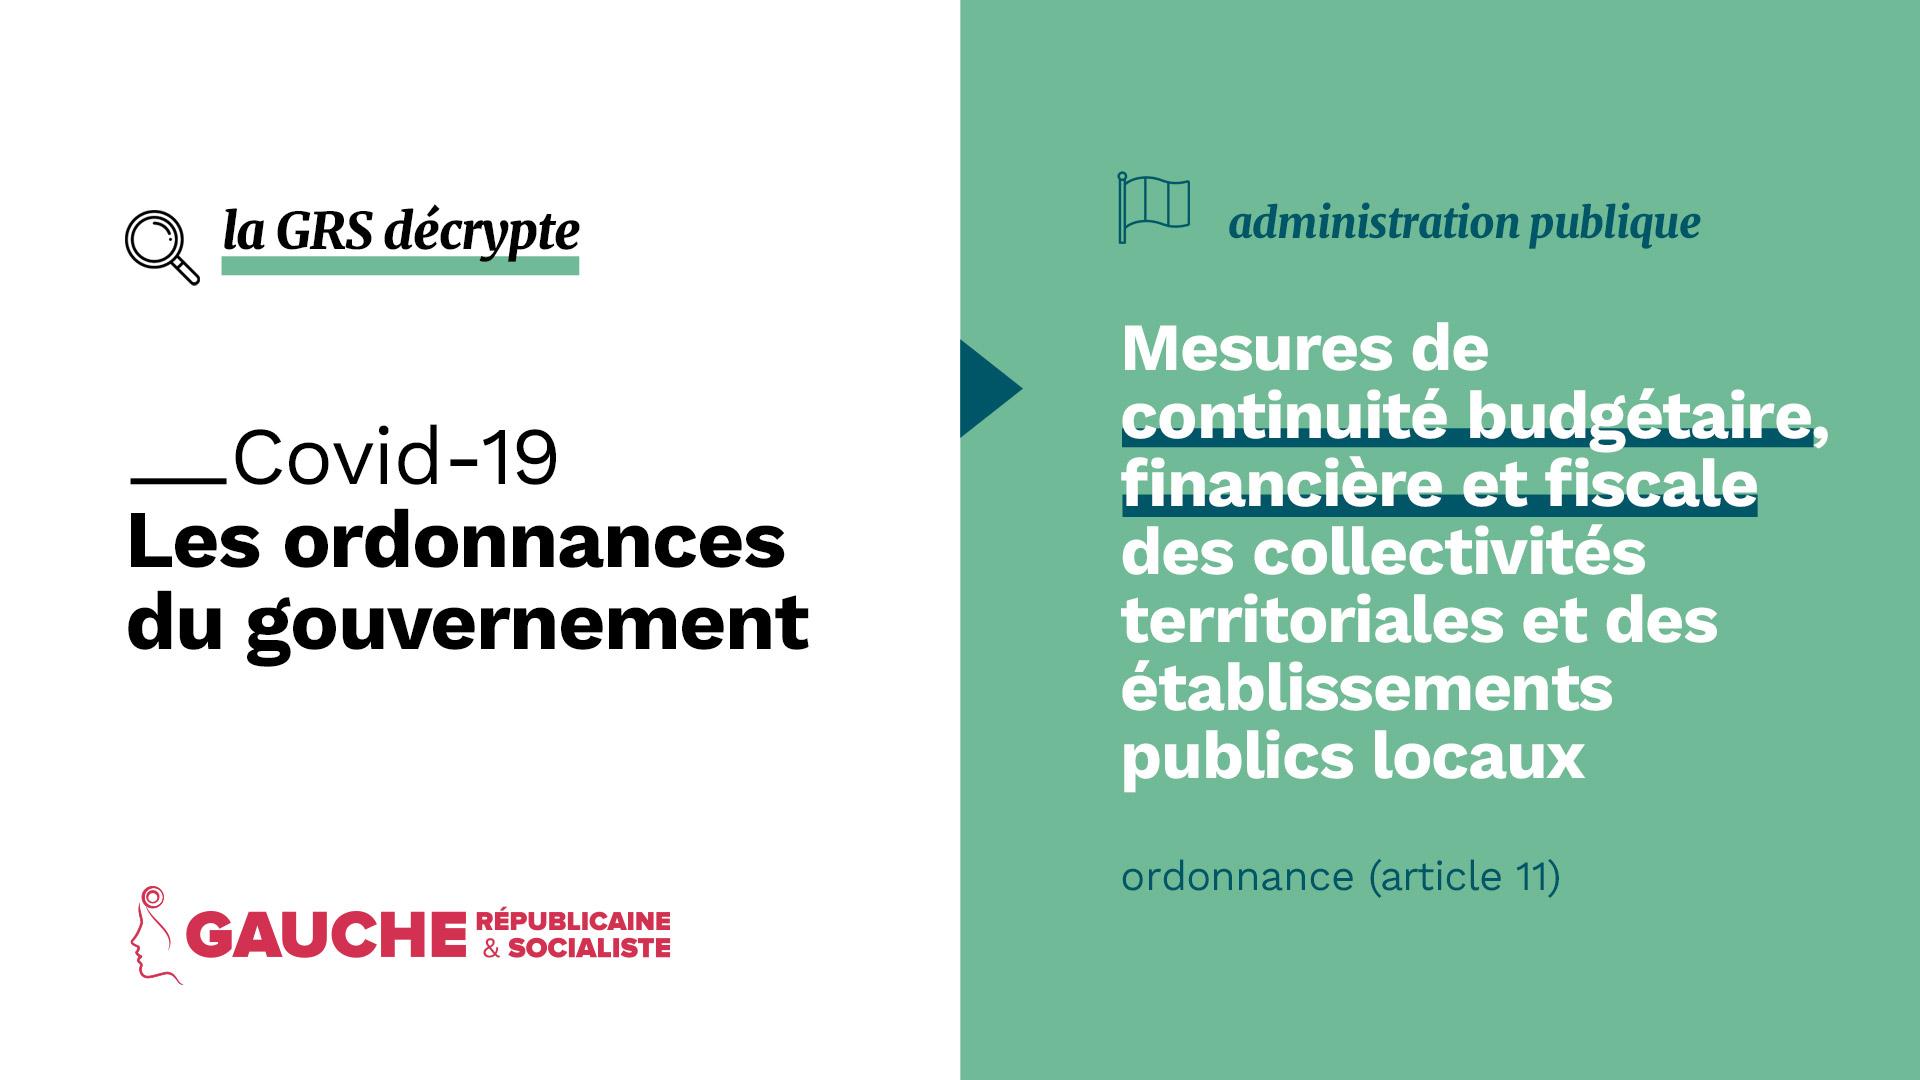 Ordonnance relative aux mesures de continuité budgétaire, financière et fiscale des  collectivités territoriales et des établissements publics locaux